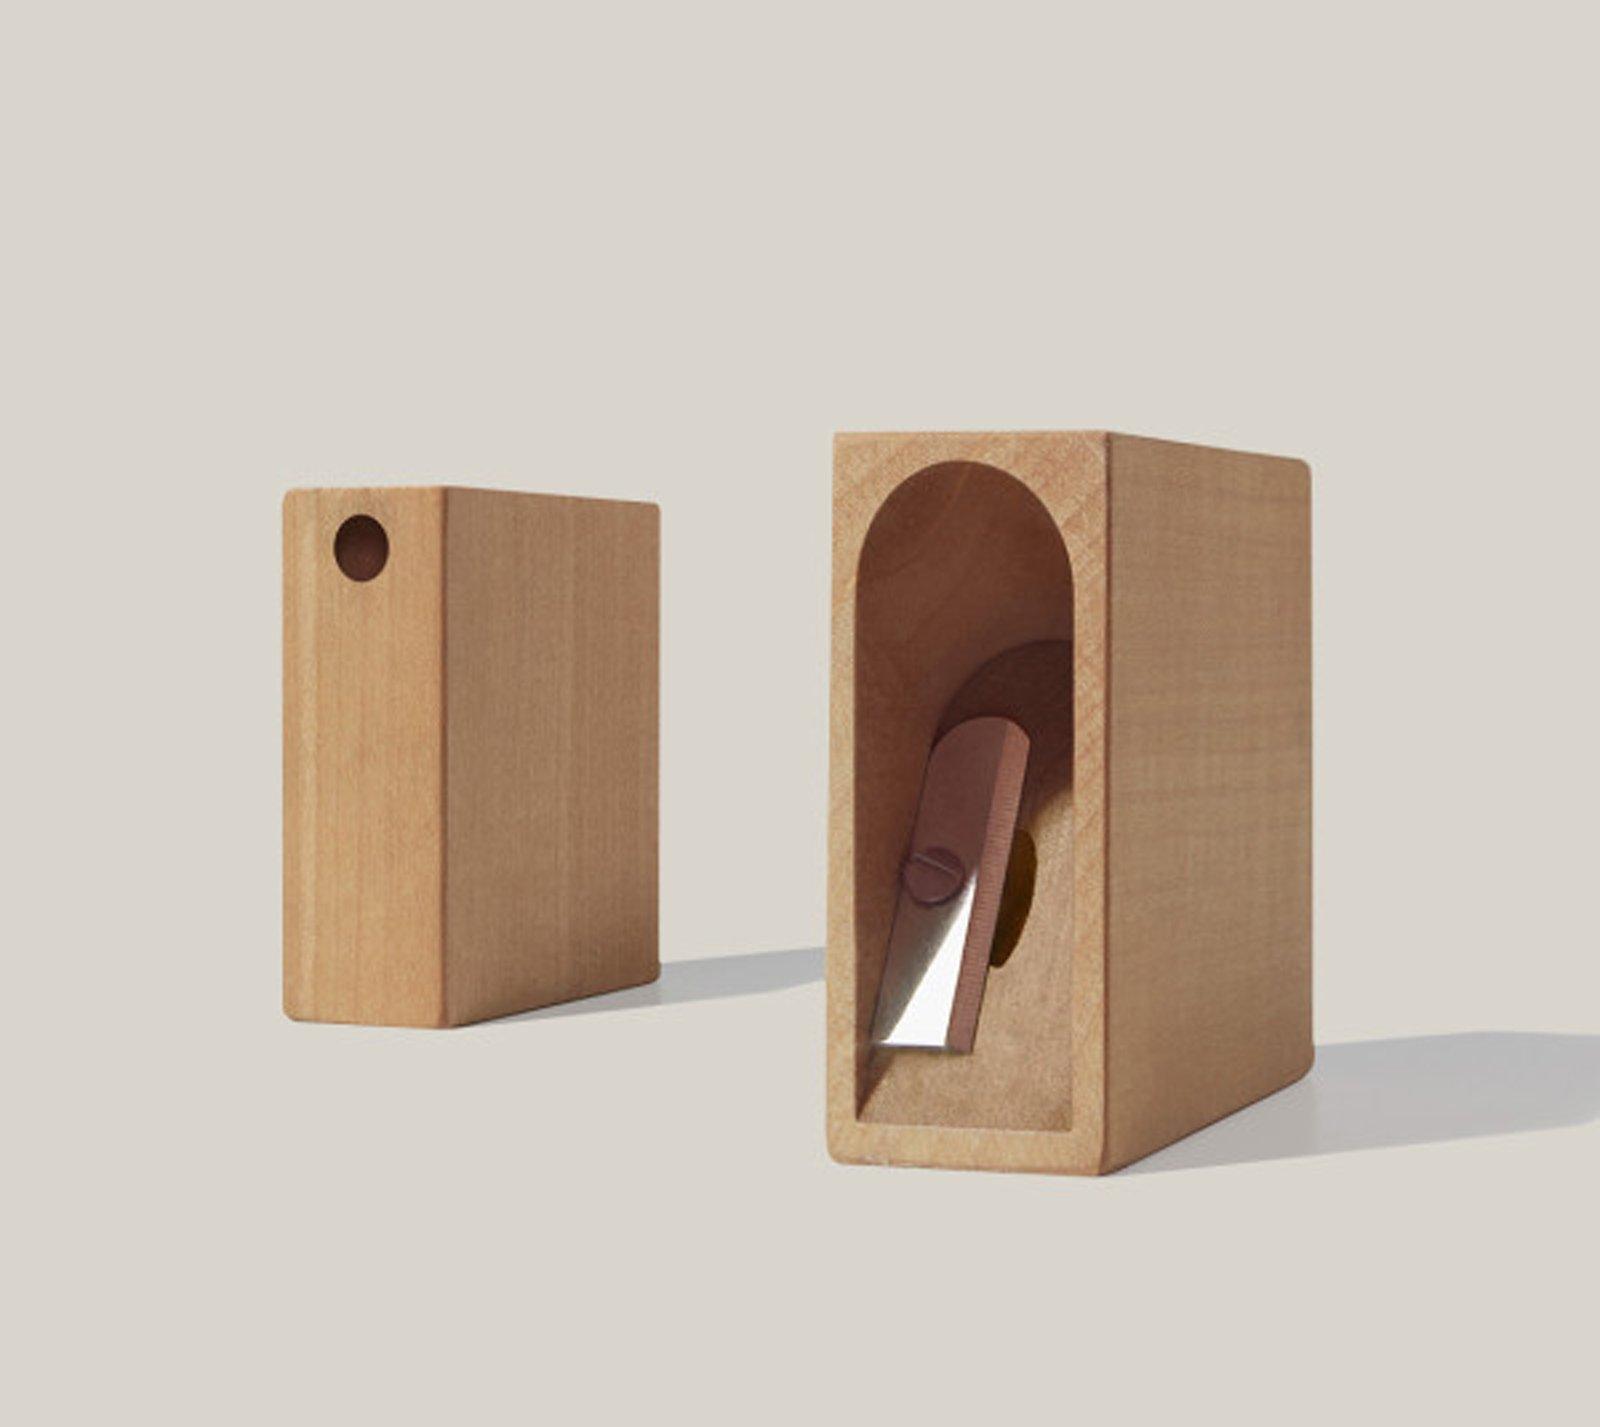 Ben noto Scrivania & dintorni: il design da regalare - Cose di Casa LI03